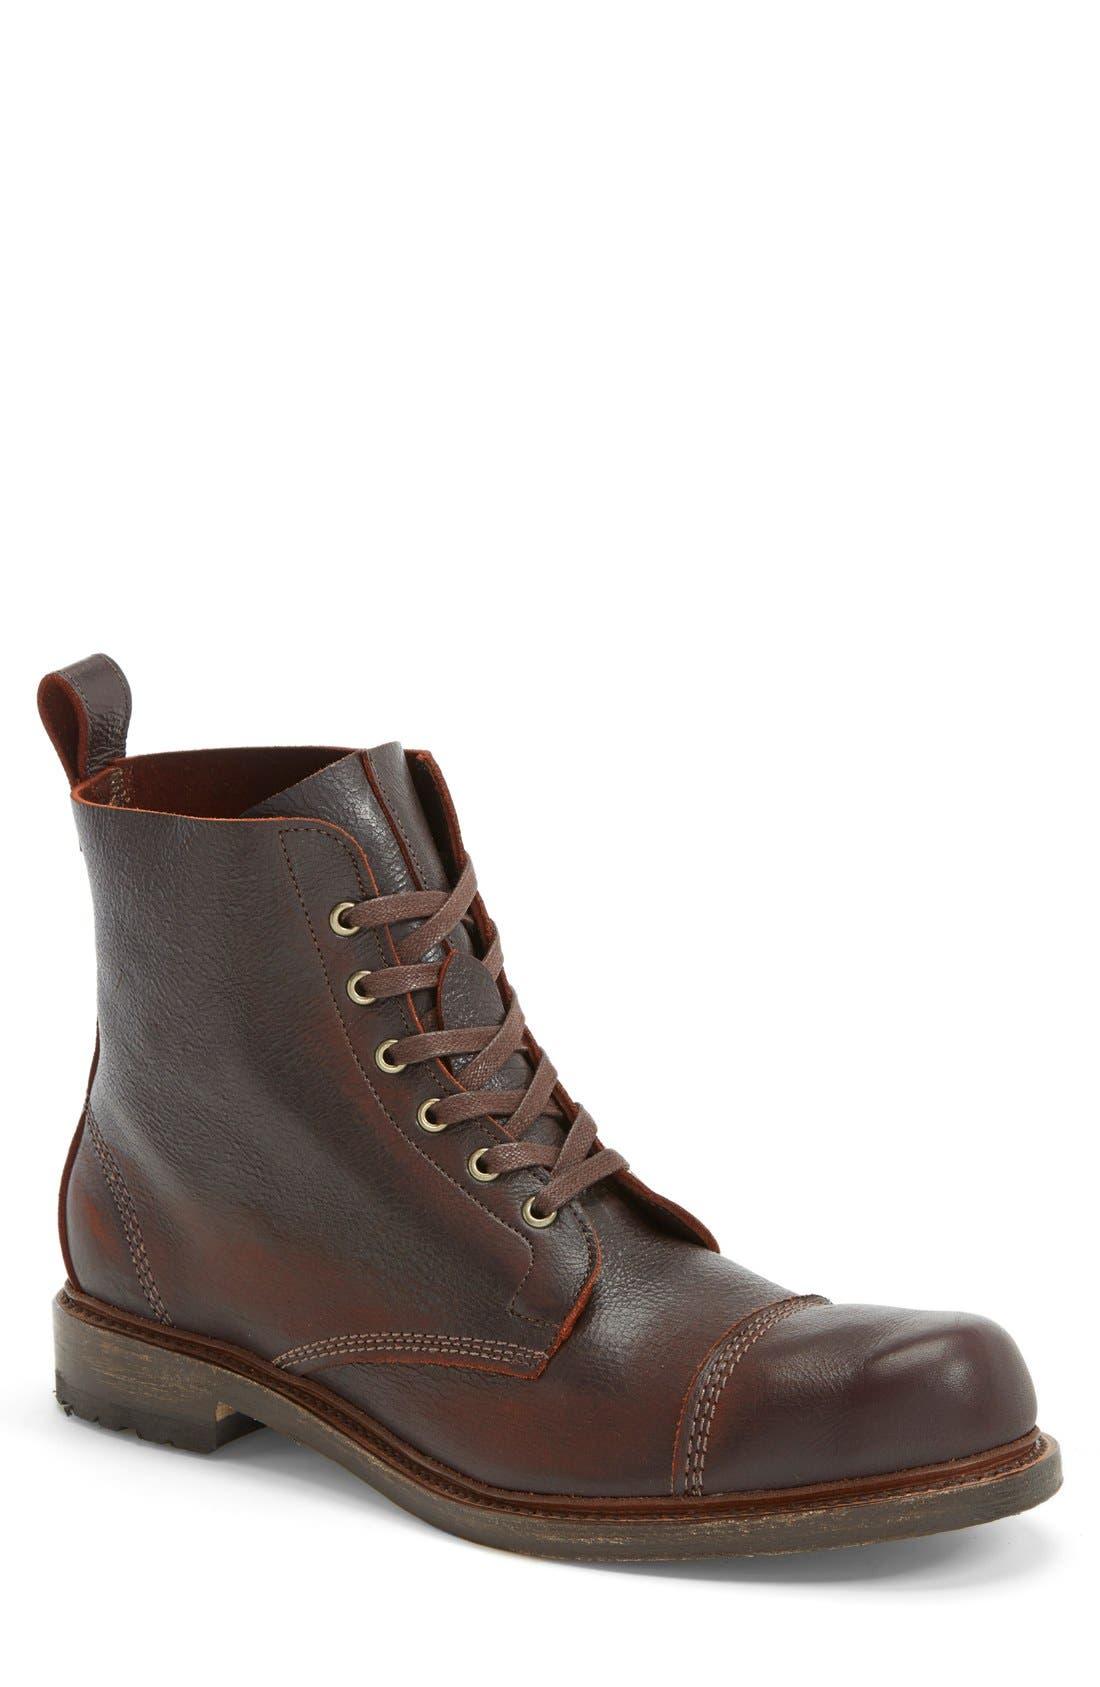 'Normandy' Cap Toe Boot, Main, color, 200